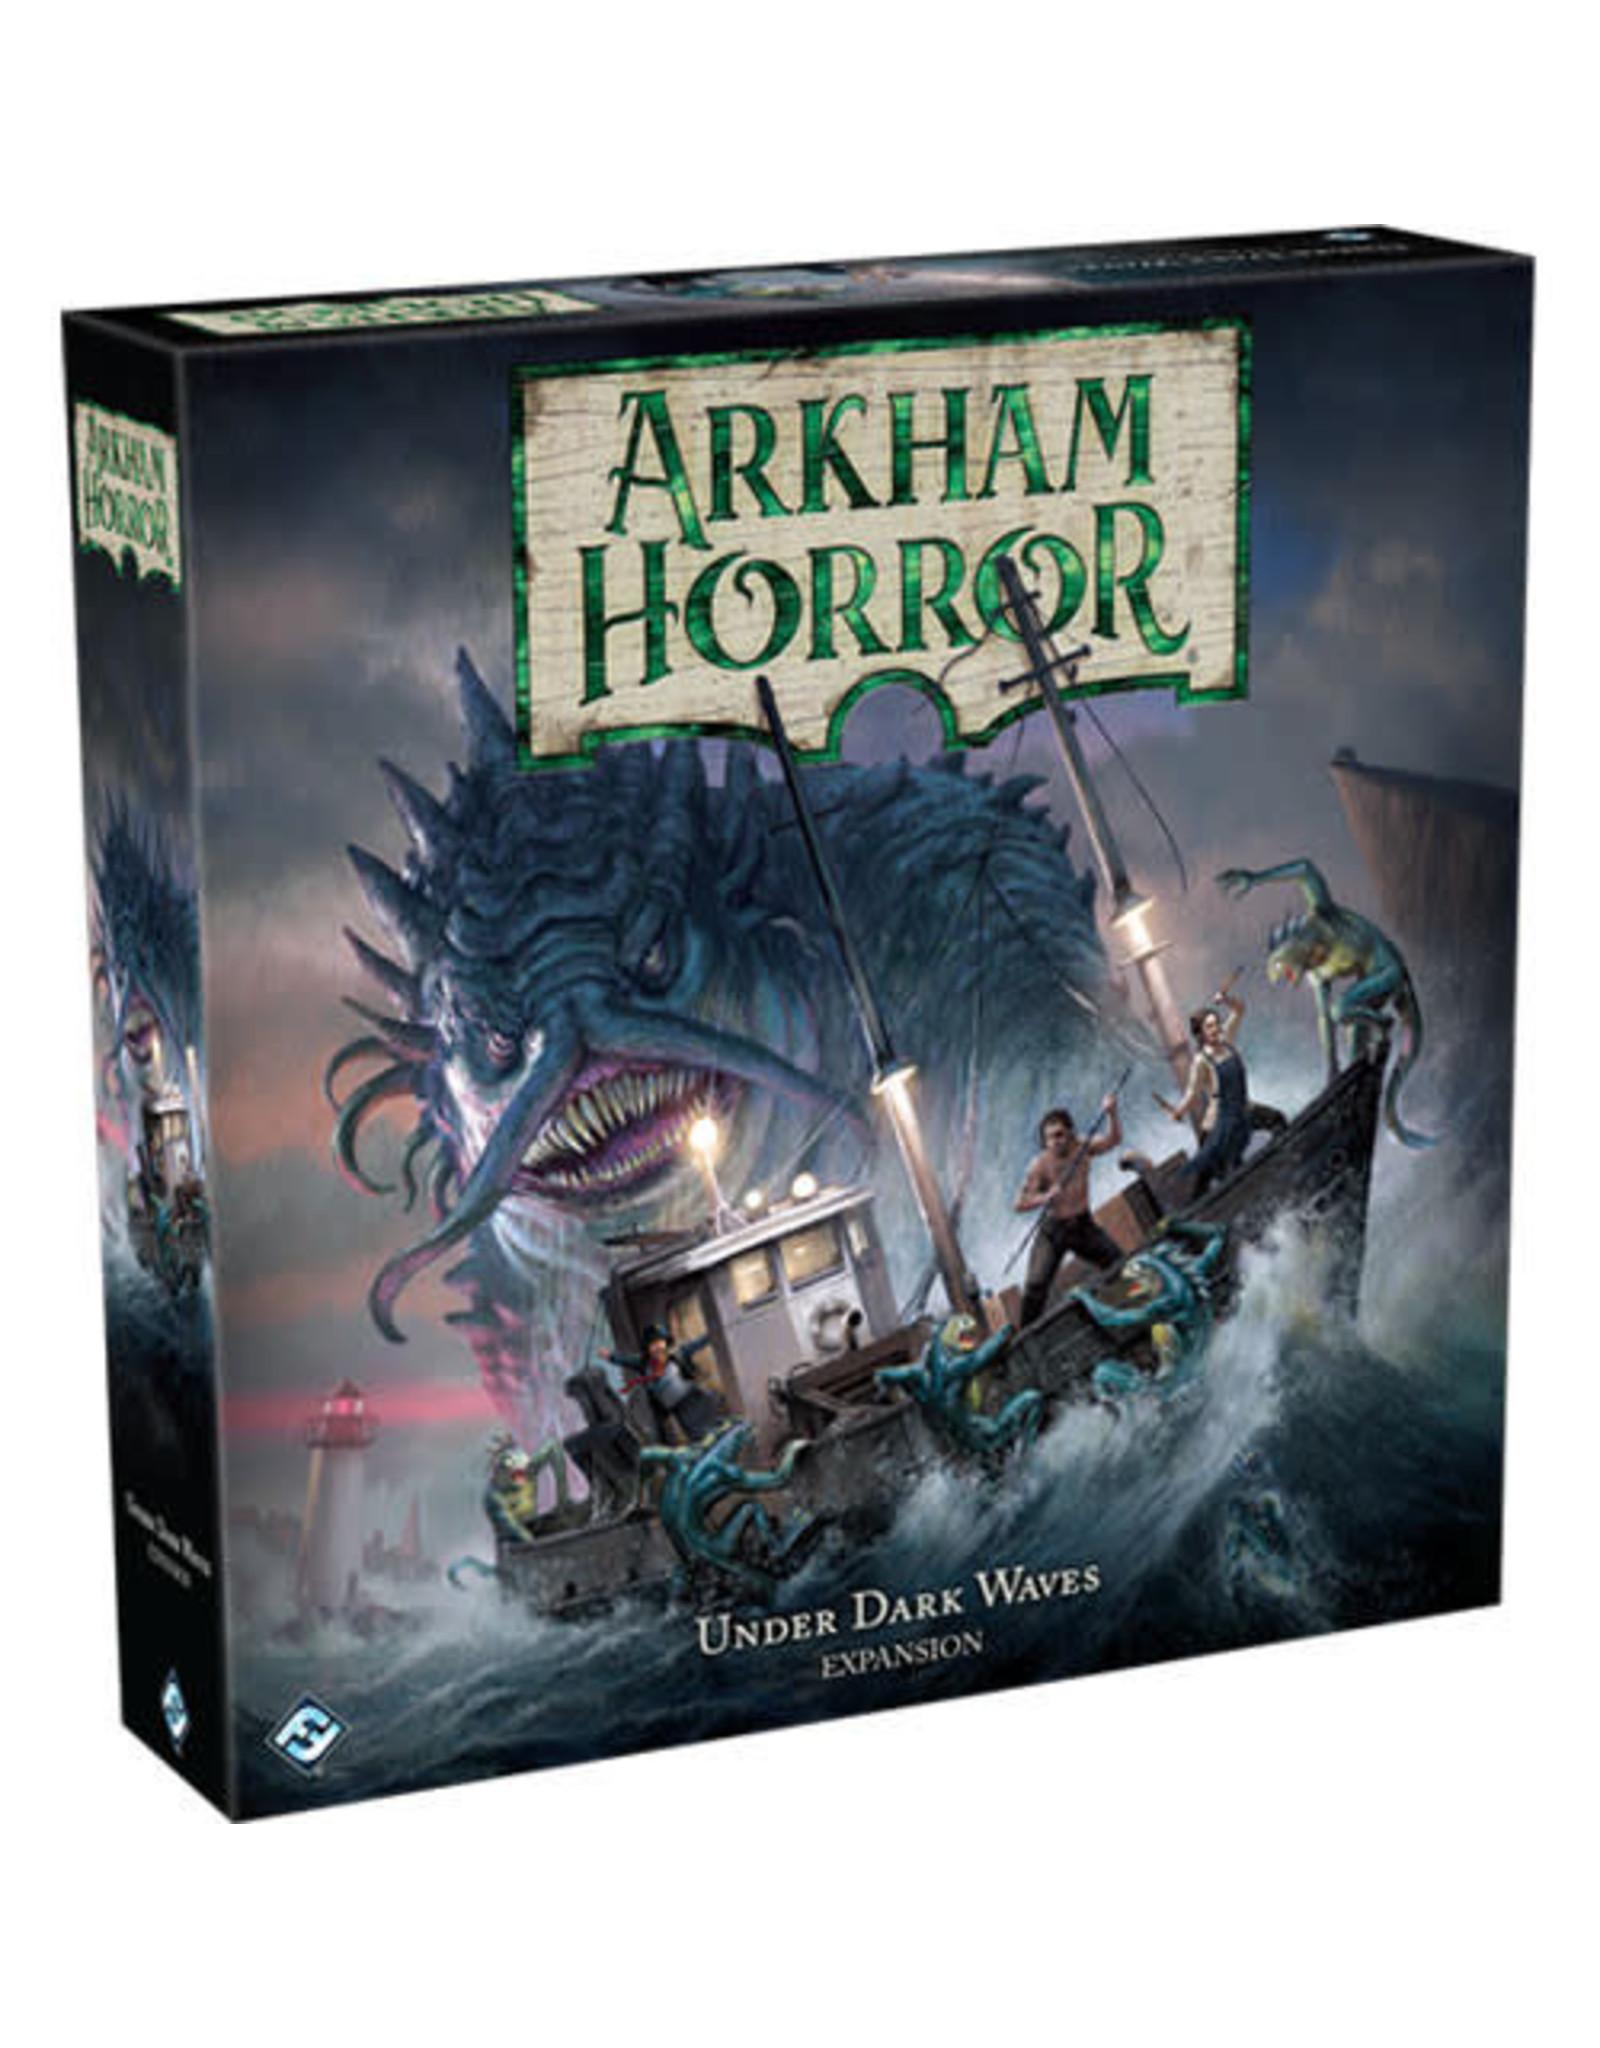 Arkham Horror Under Dark Waves Expansion Board Game